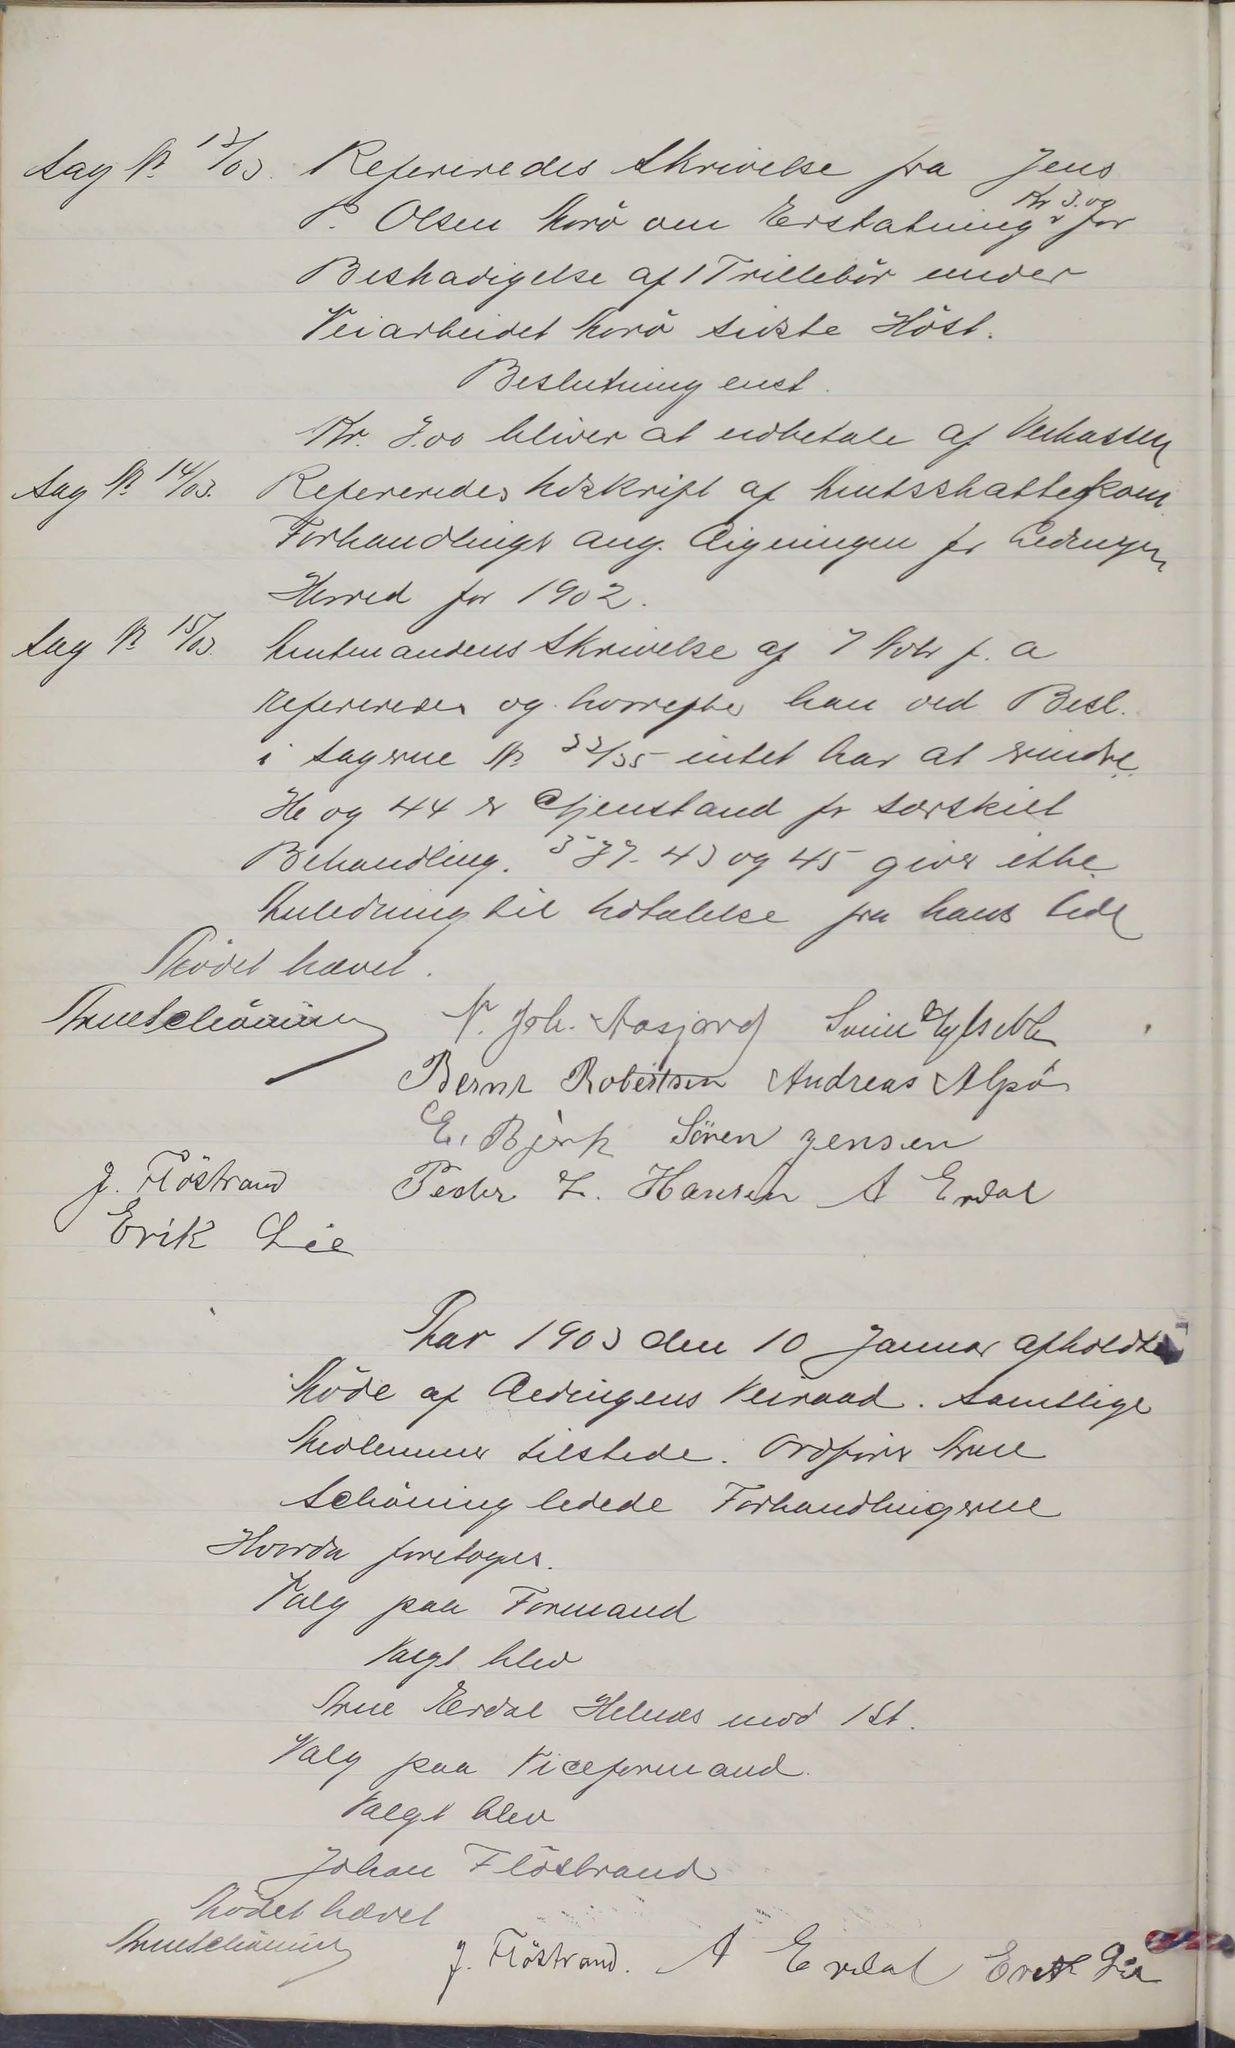 AIN, Leiranger kommune. Formannskapet, 100/L0001: Møtebok, 1900-1913, s. 44b